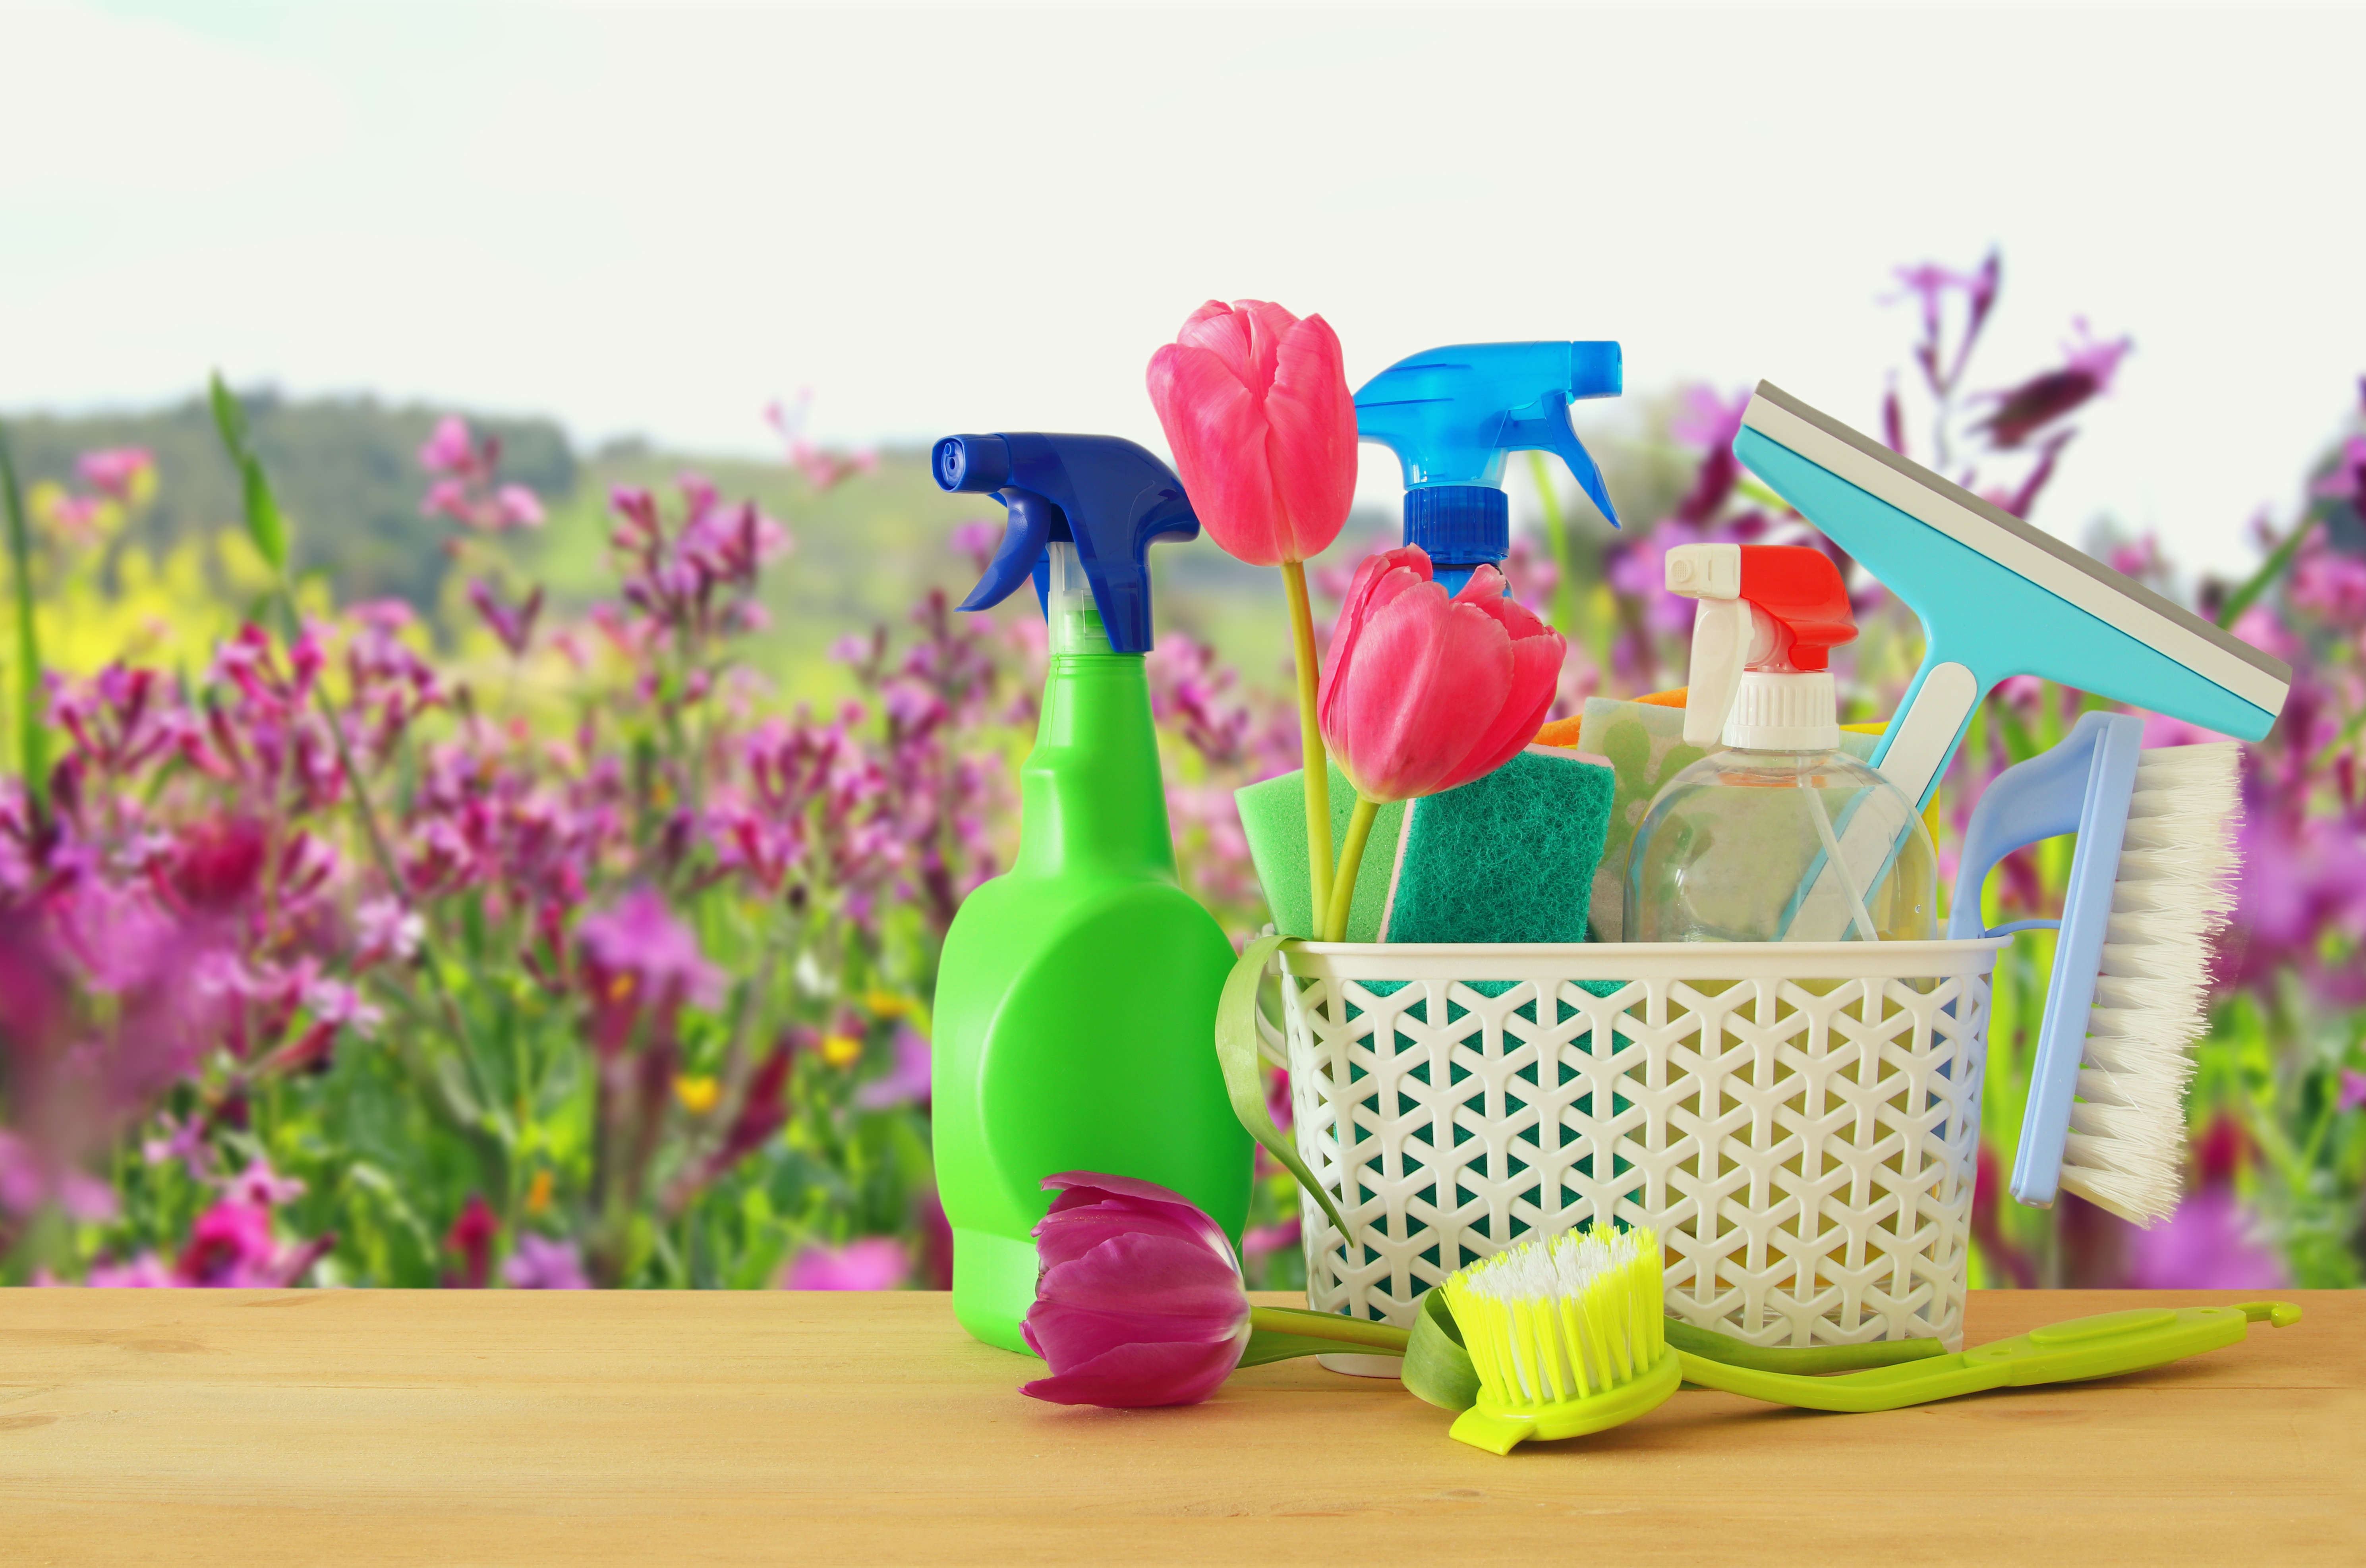 conseils 4 produits naturels pour le grand m nage de printemps blog la foirfouille. Black Bedroom Furniture Sets. Home Design Ideas